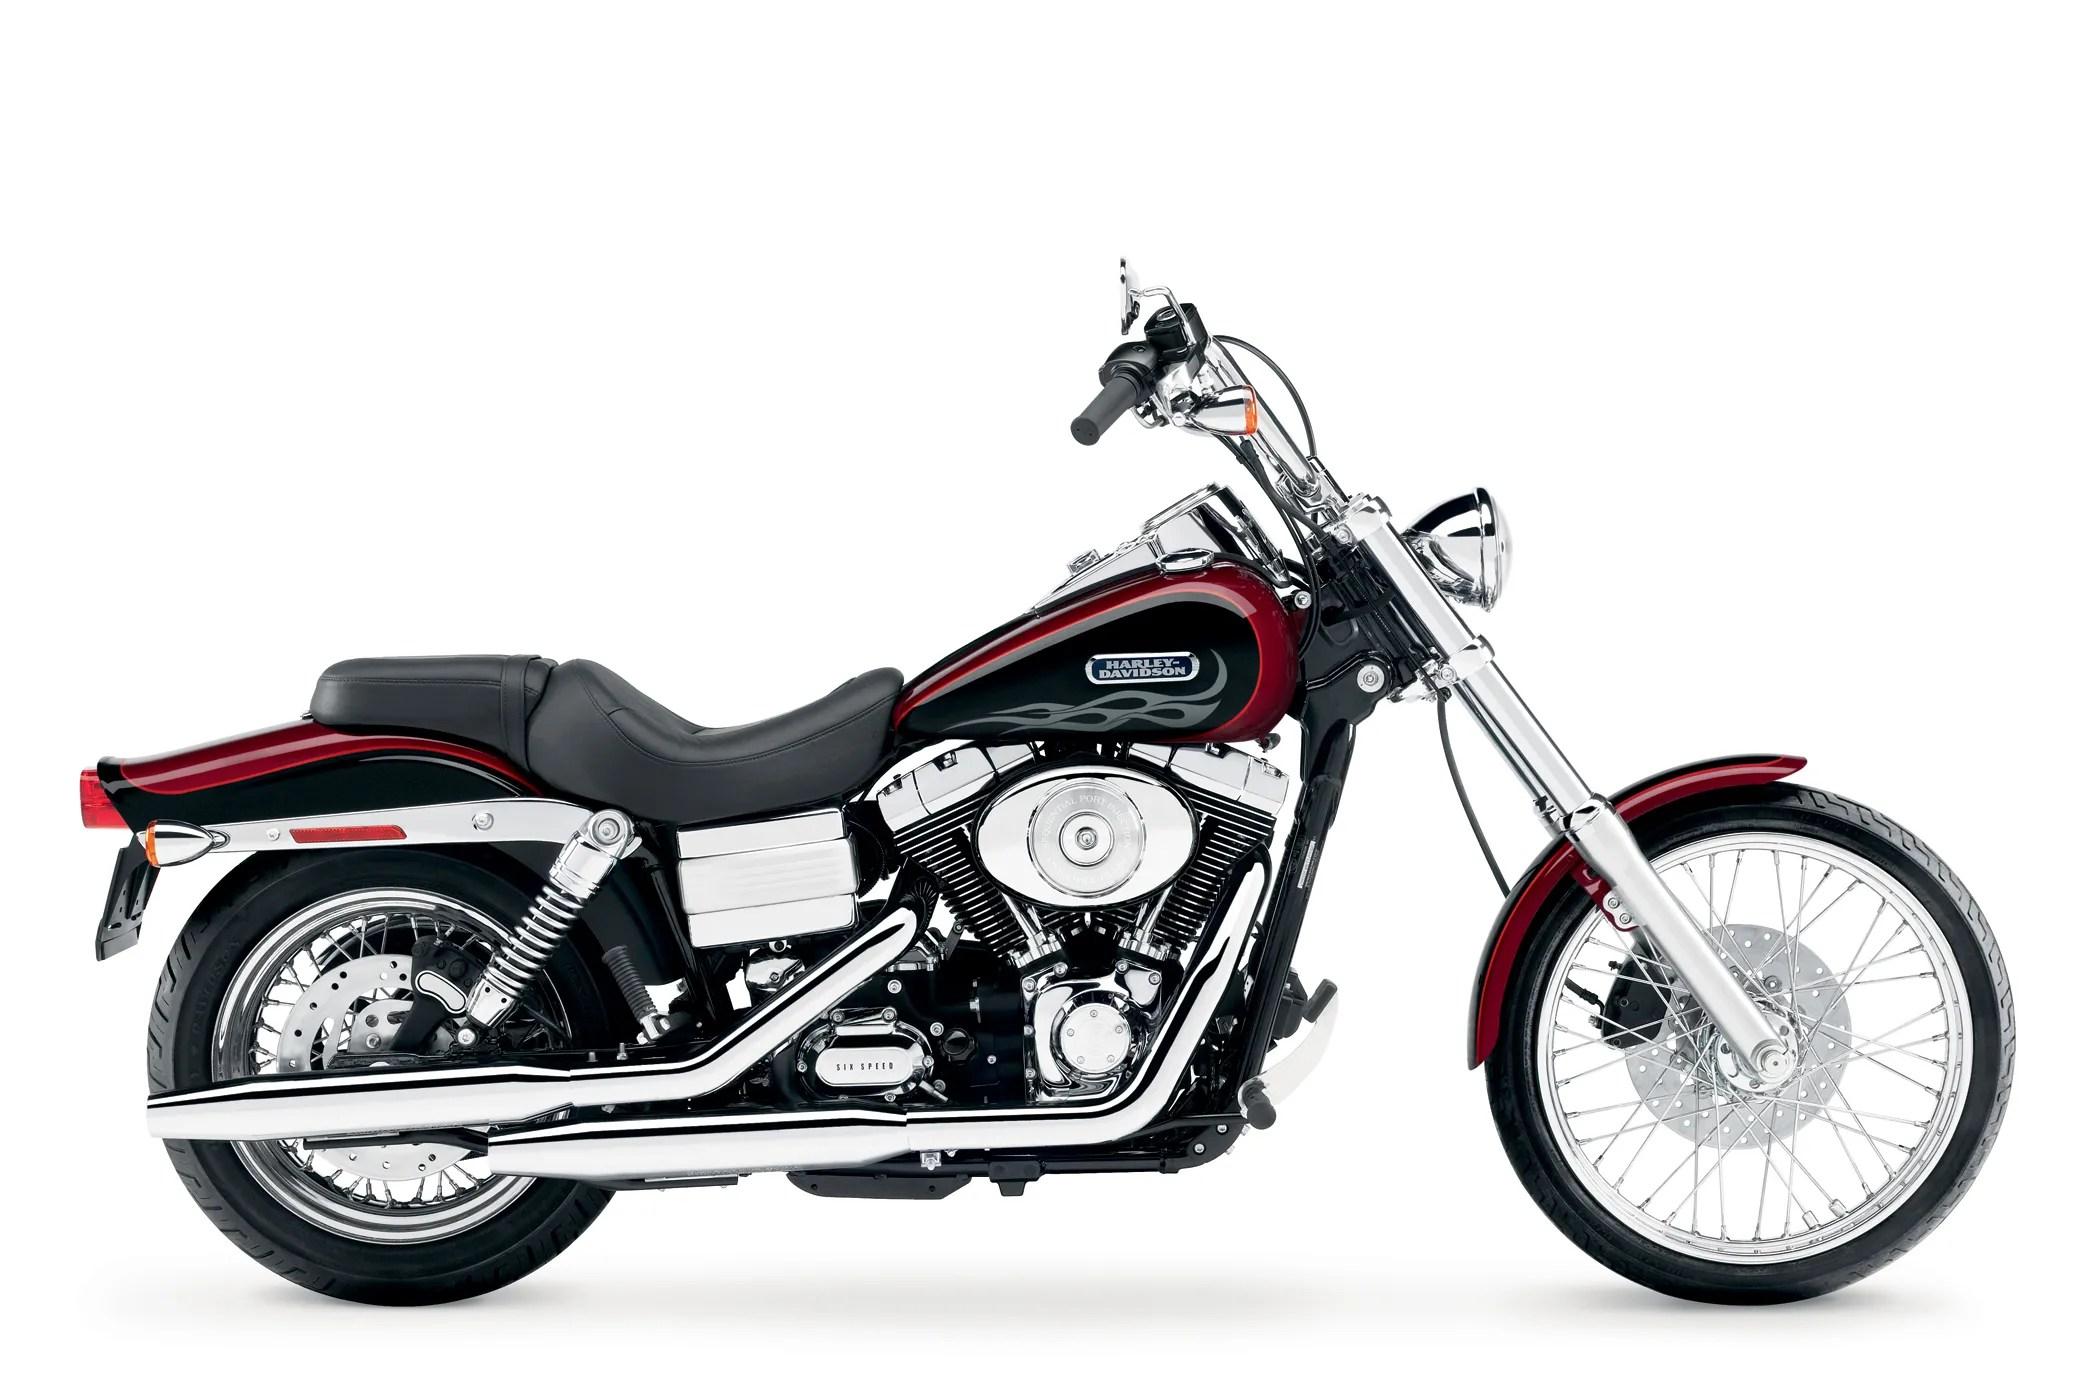 2006 Harley-Davidson FXDWG I Dyna Wide Glide Pictures